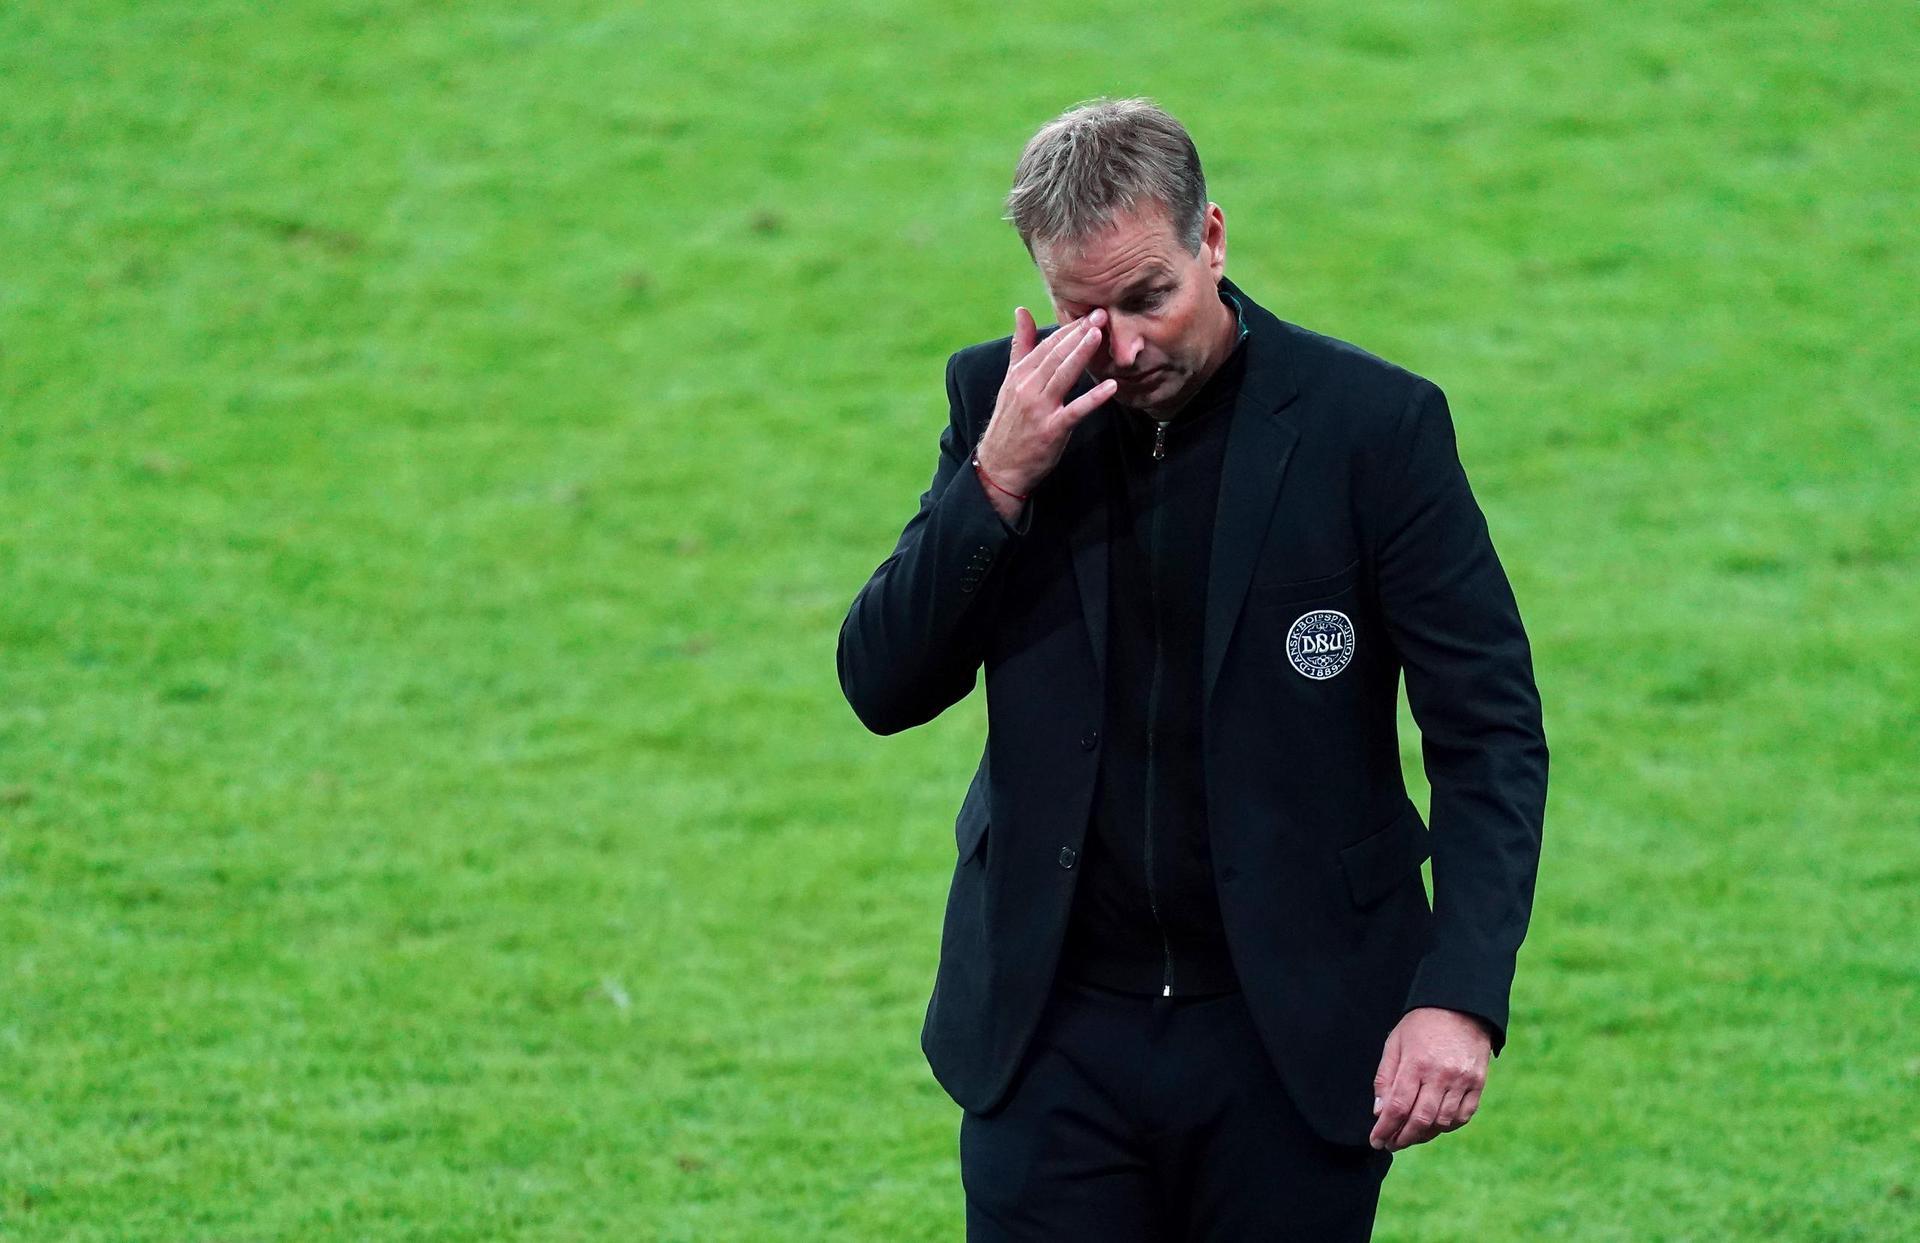 Dänemarks überragende EM-Reise – Ärger über Schiri-Pfiff Aus im Halbfinale